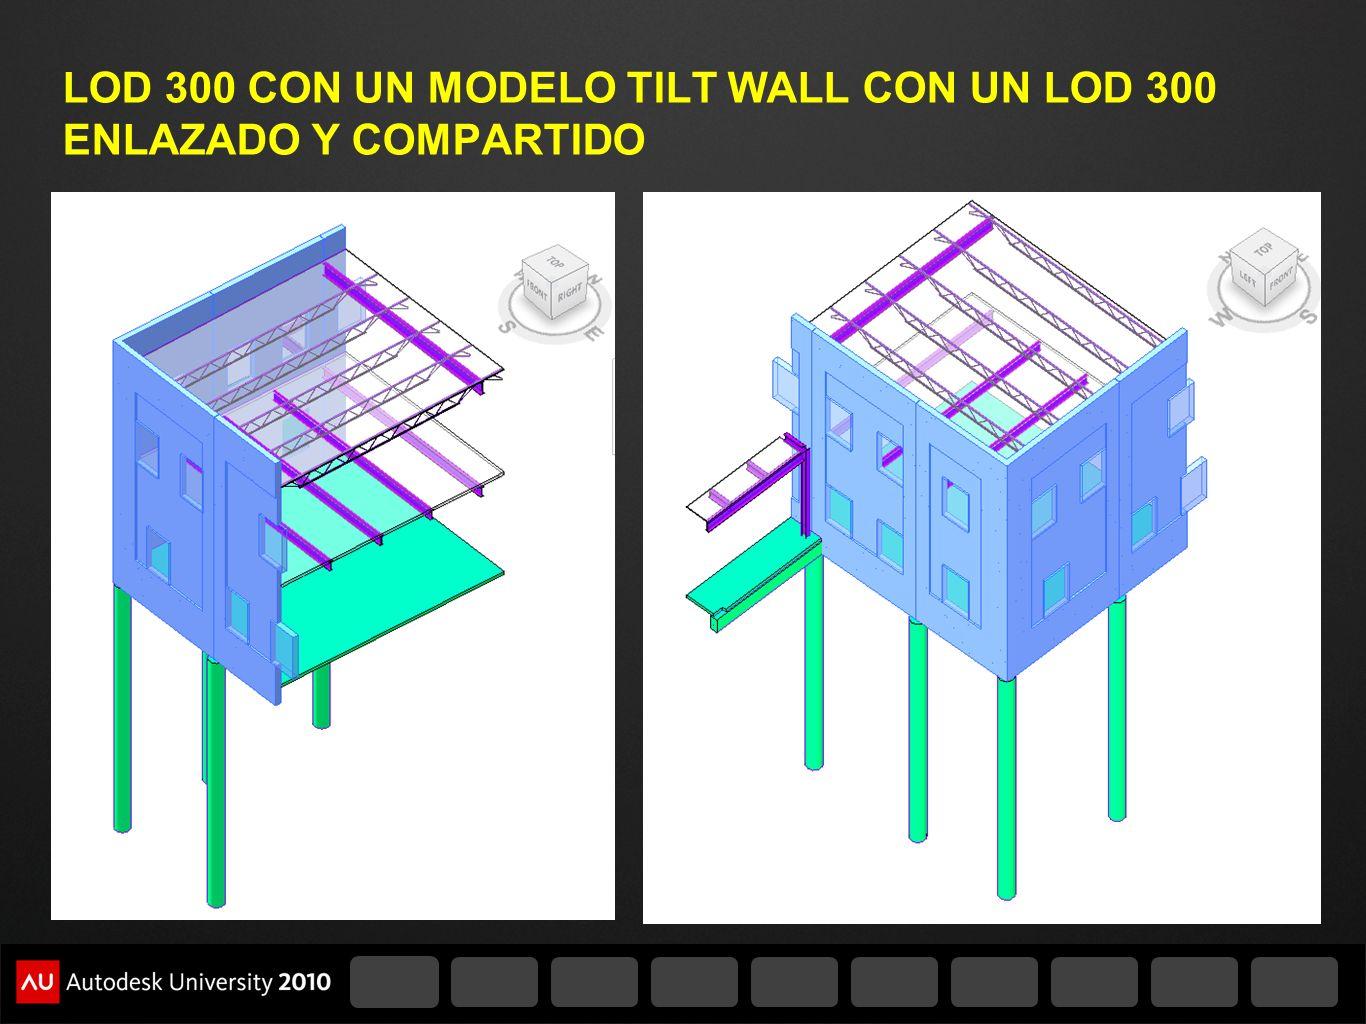 LOD 300 CON UN MODELO TILT WALL CON UN LOD 300 ENLAZADO Y COMPARTIDO